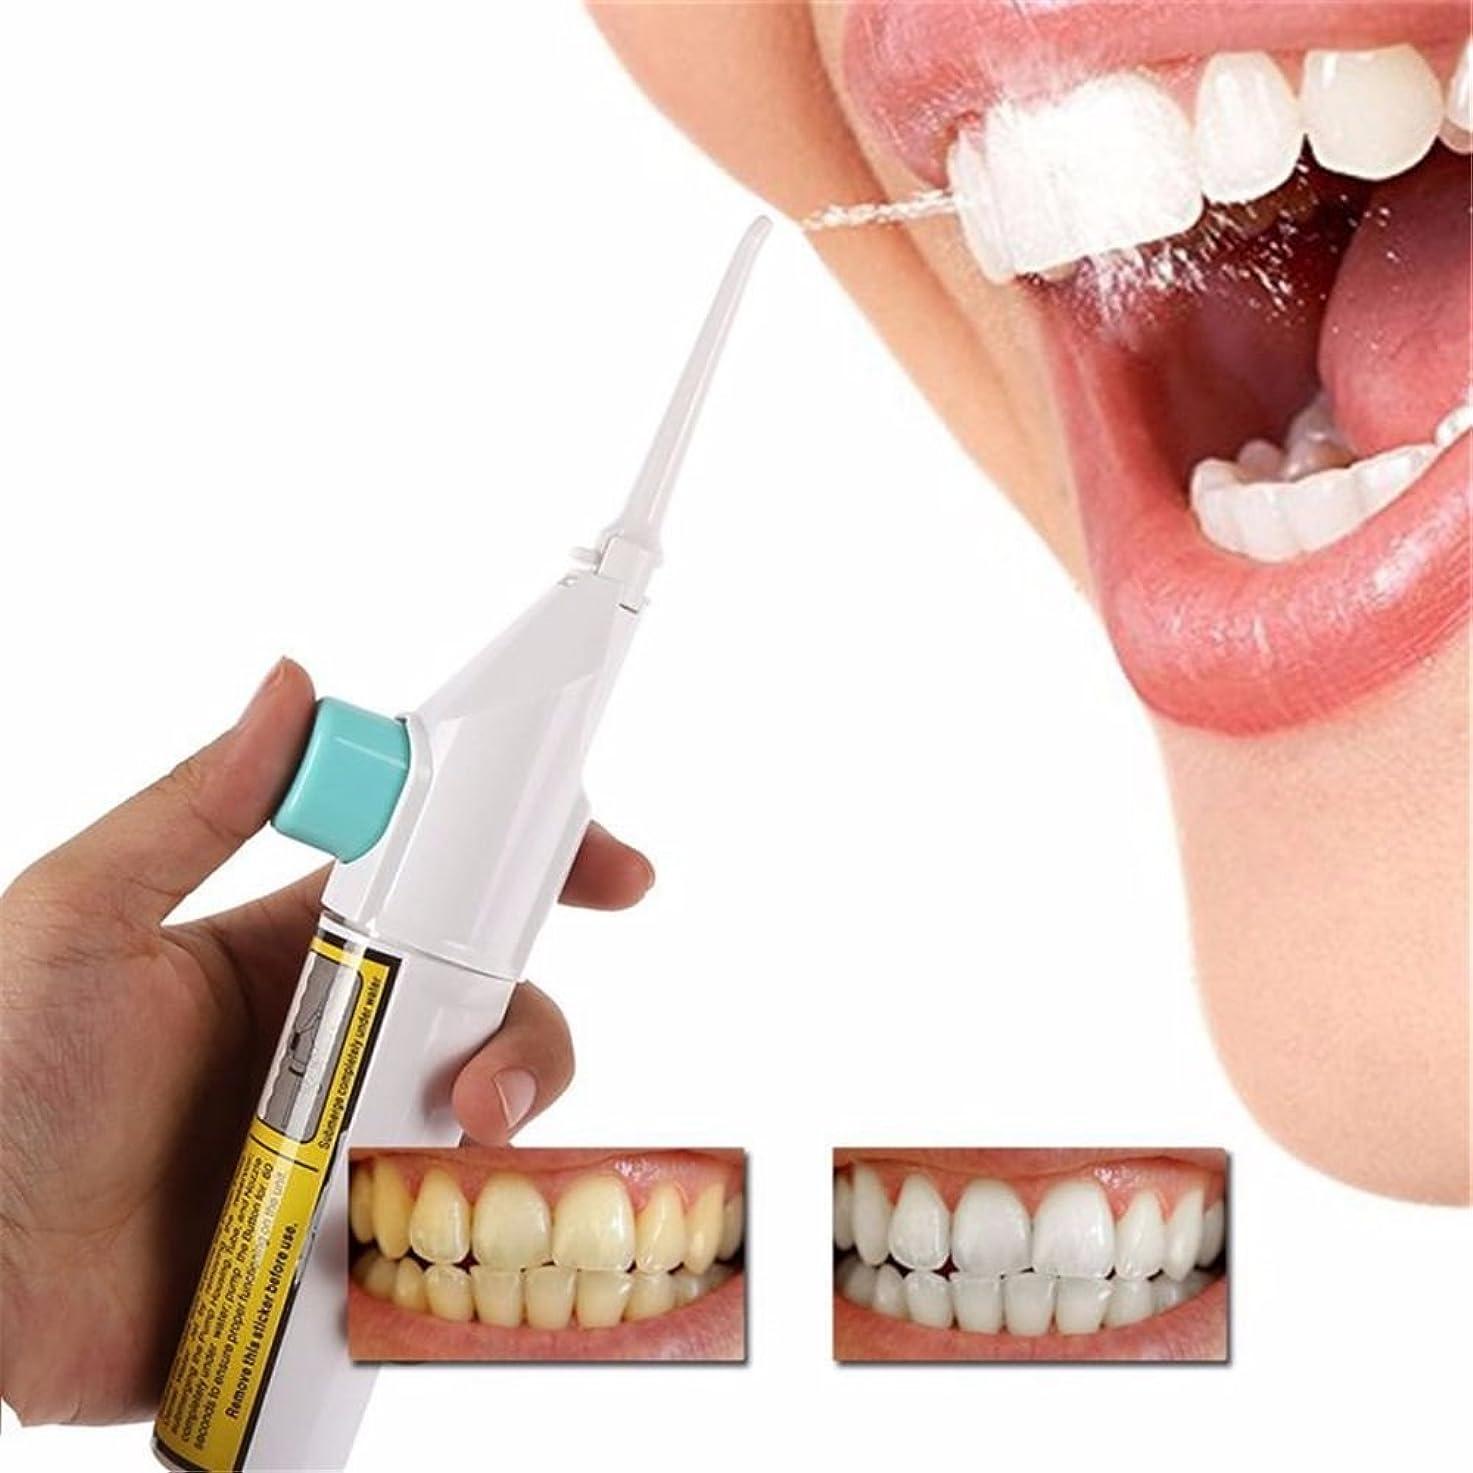 故意の受動的強化空力歯のクリーニングの口頭潅漑の心配水フロスの歯科ウォータージェットの洗浄水パルスのためのスマートな携帯用灌漑装置